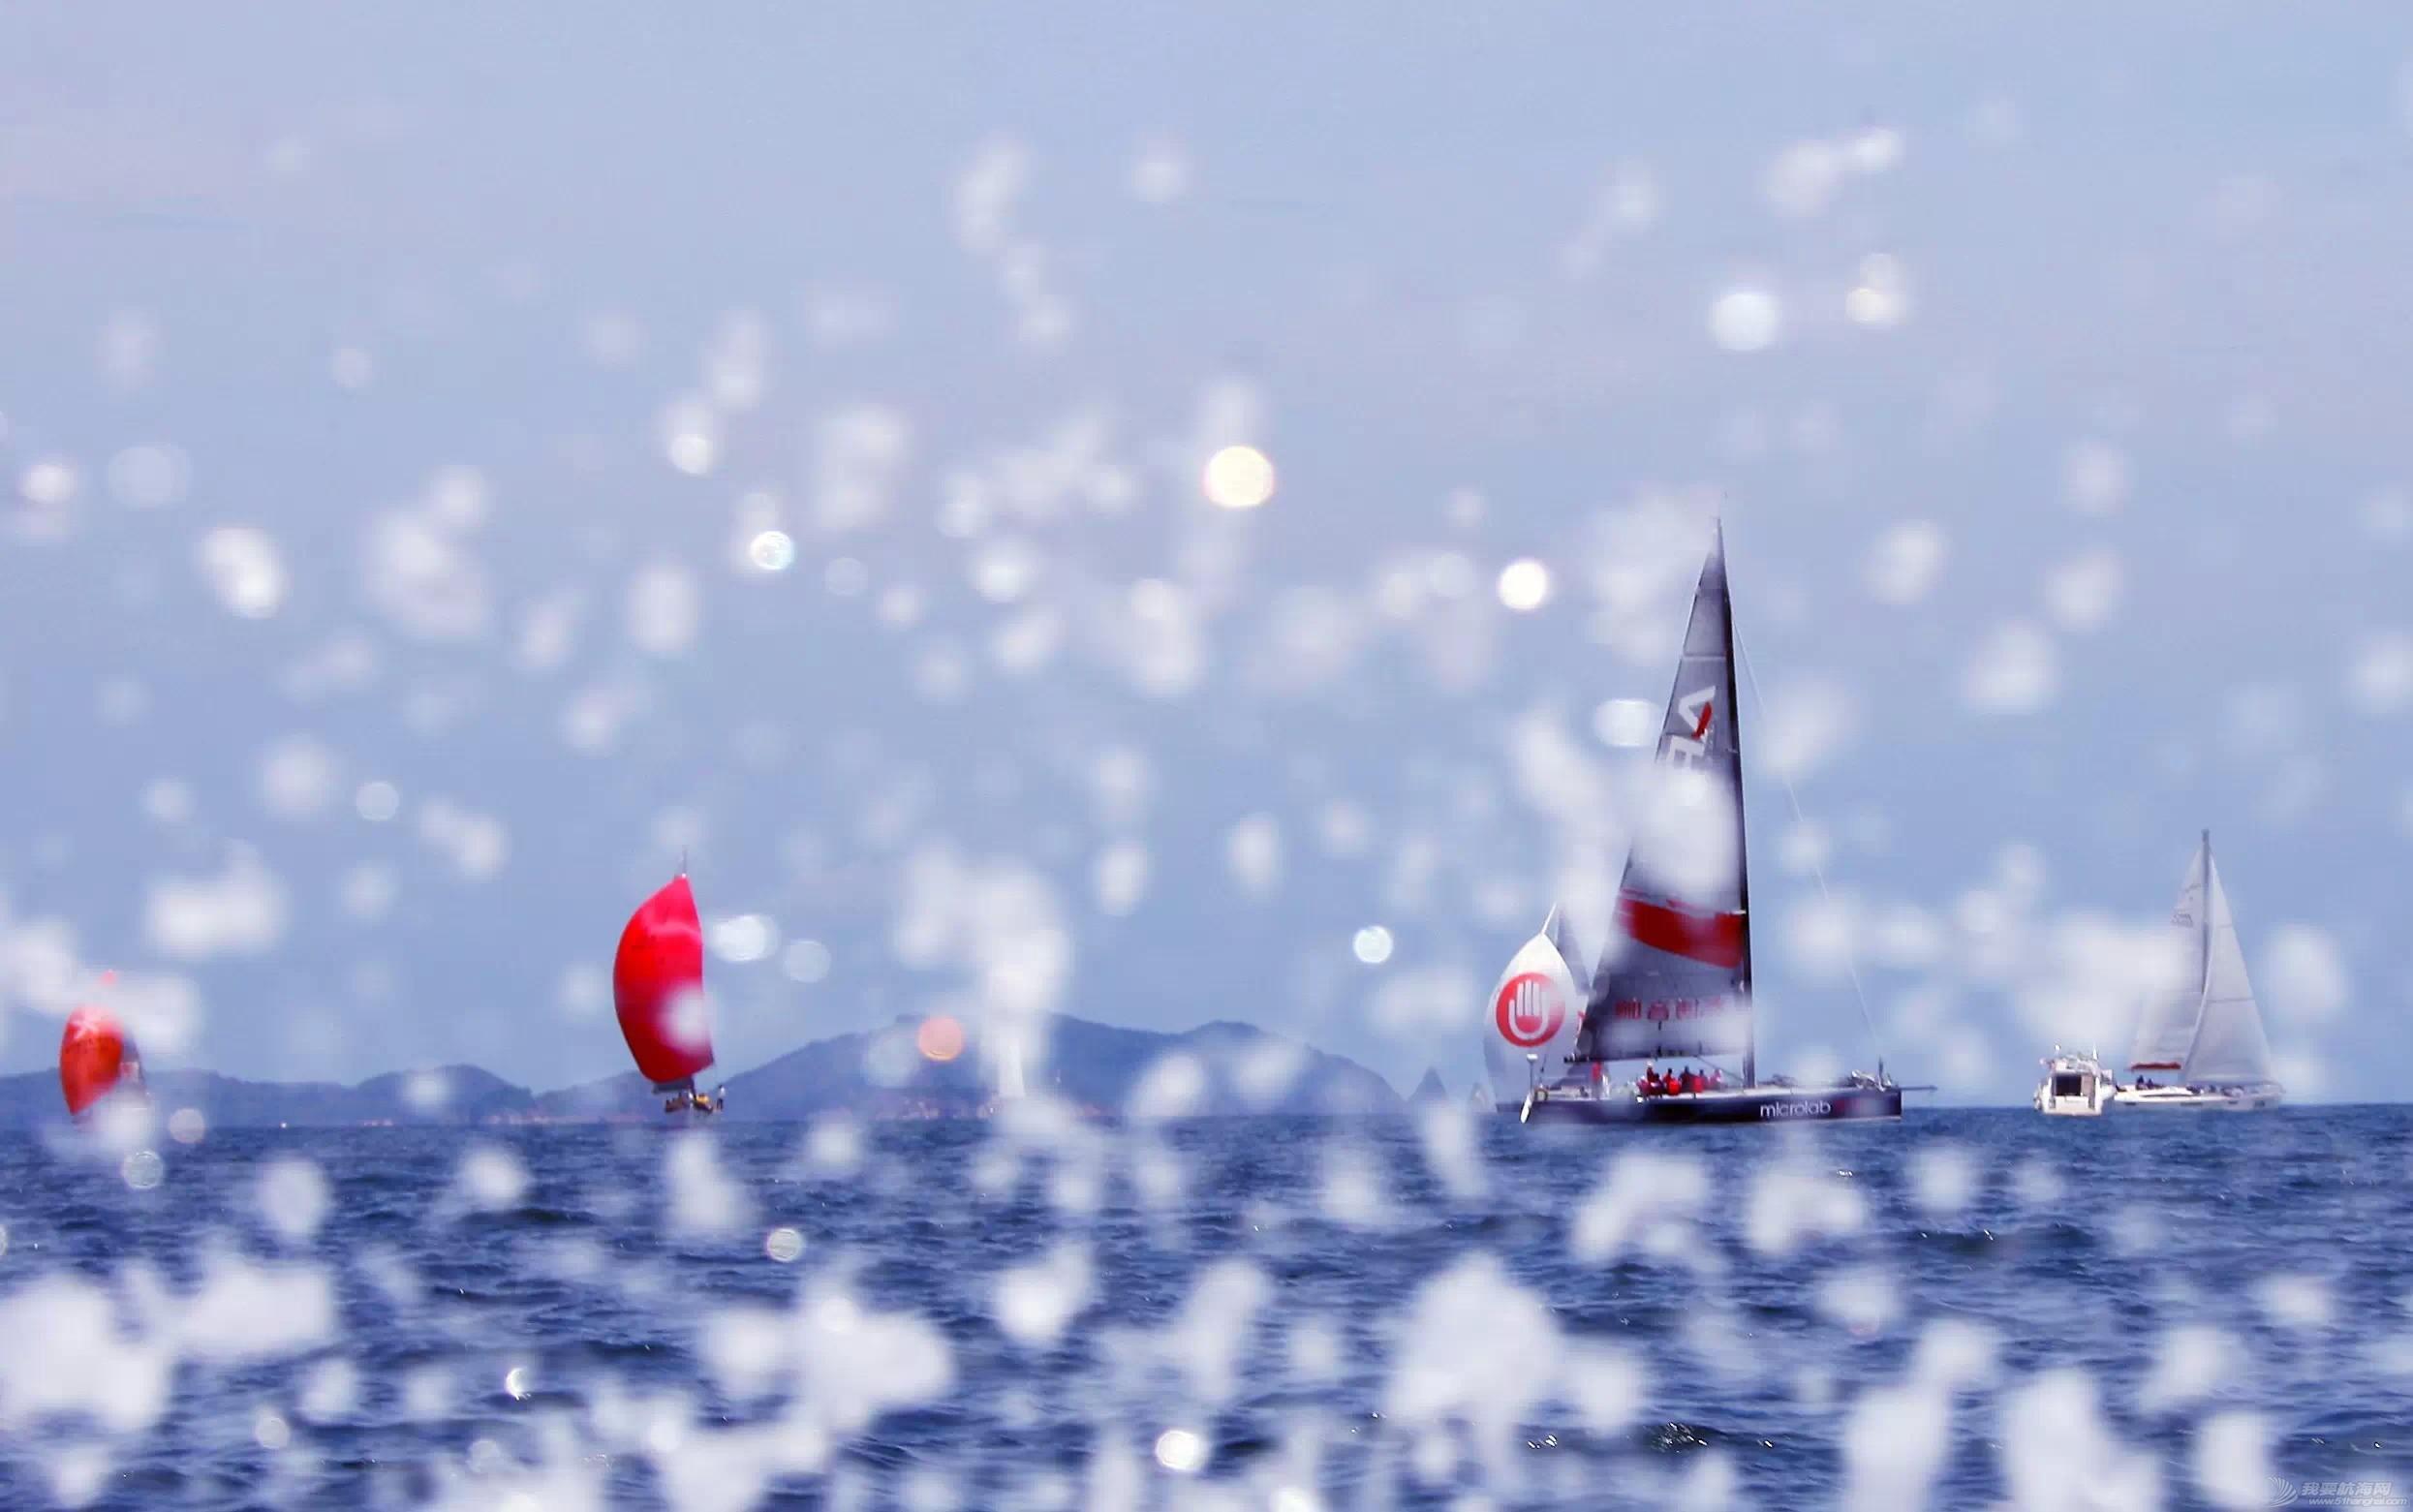 中国文化,帆船运动,纵横四海,使命感,秘书长 『以梦为舸 聚力远航 』航海运动(中国)促进会成立仪式即将扬帆! 7bb869db8013897073b369137b435b46.jpg